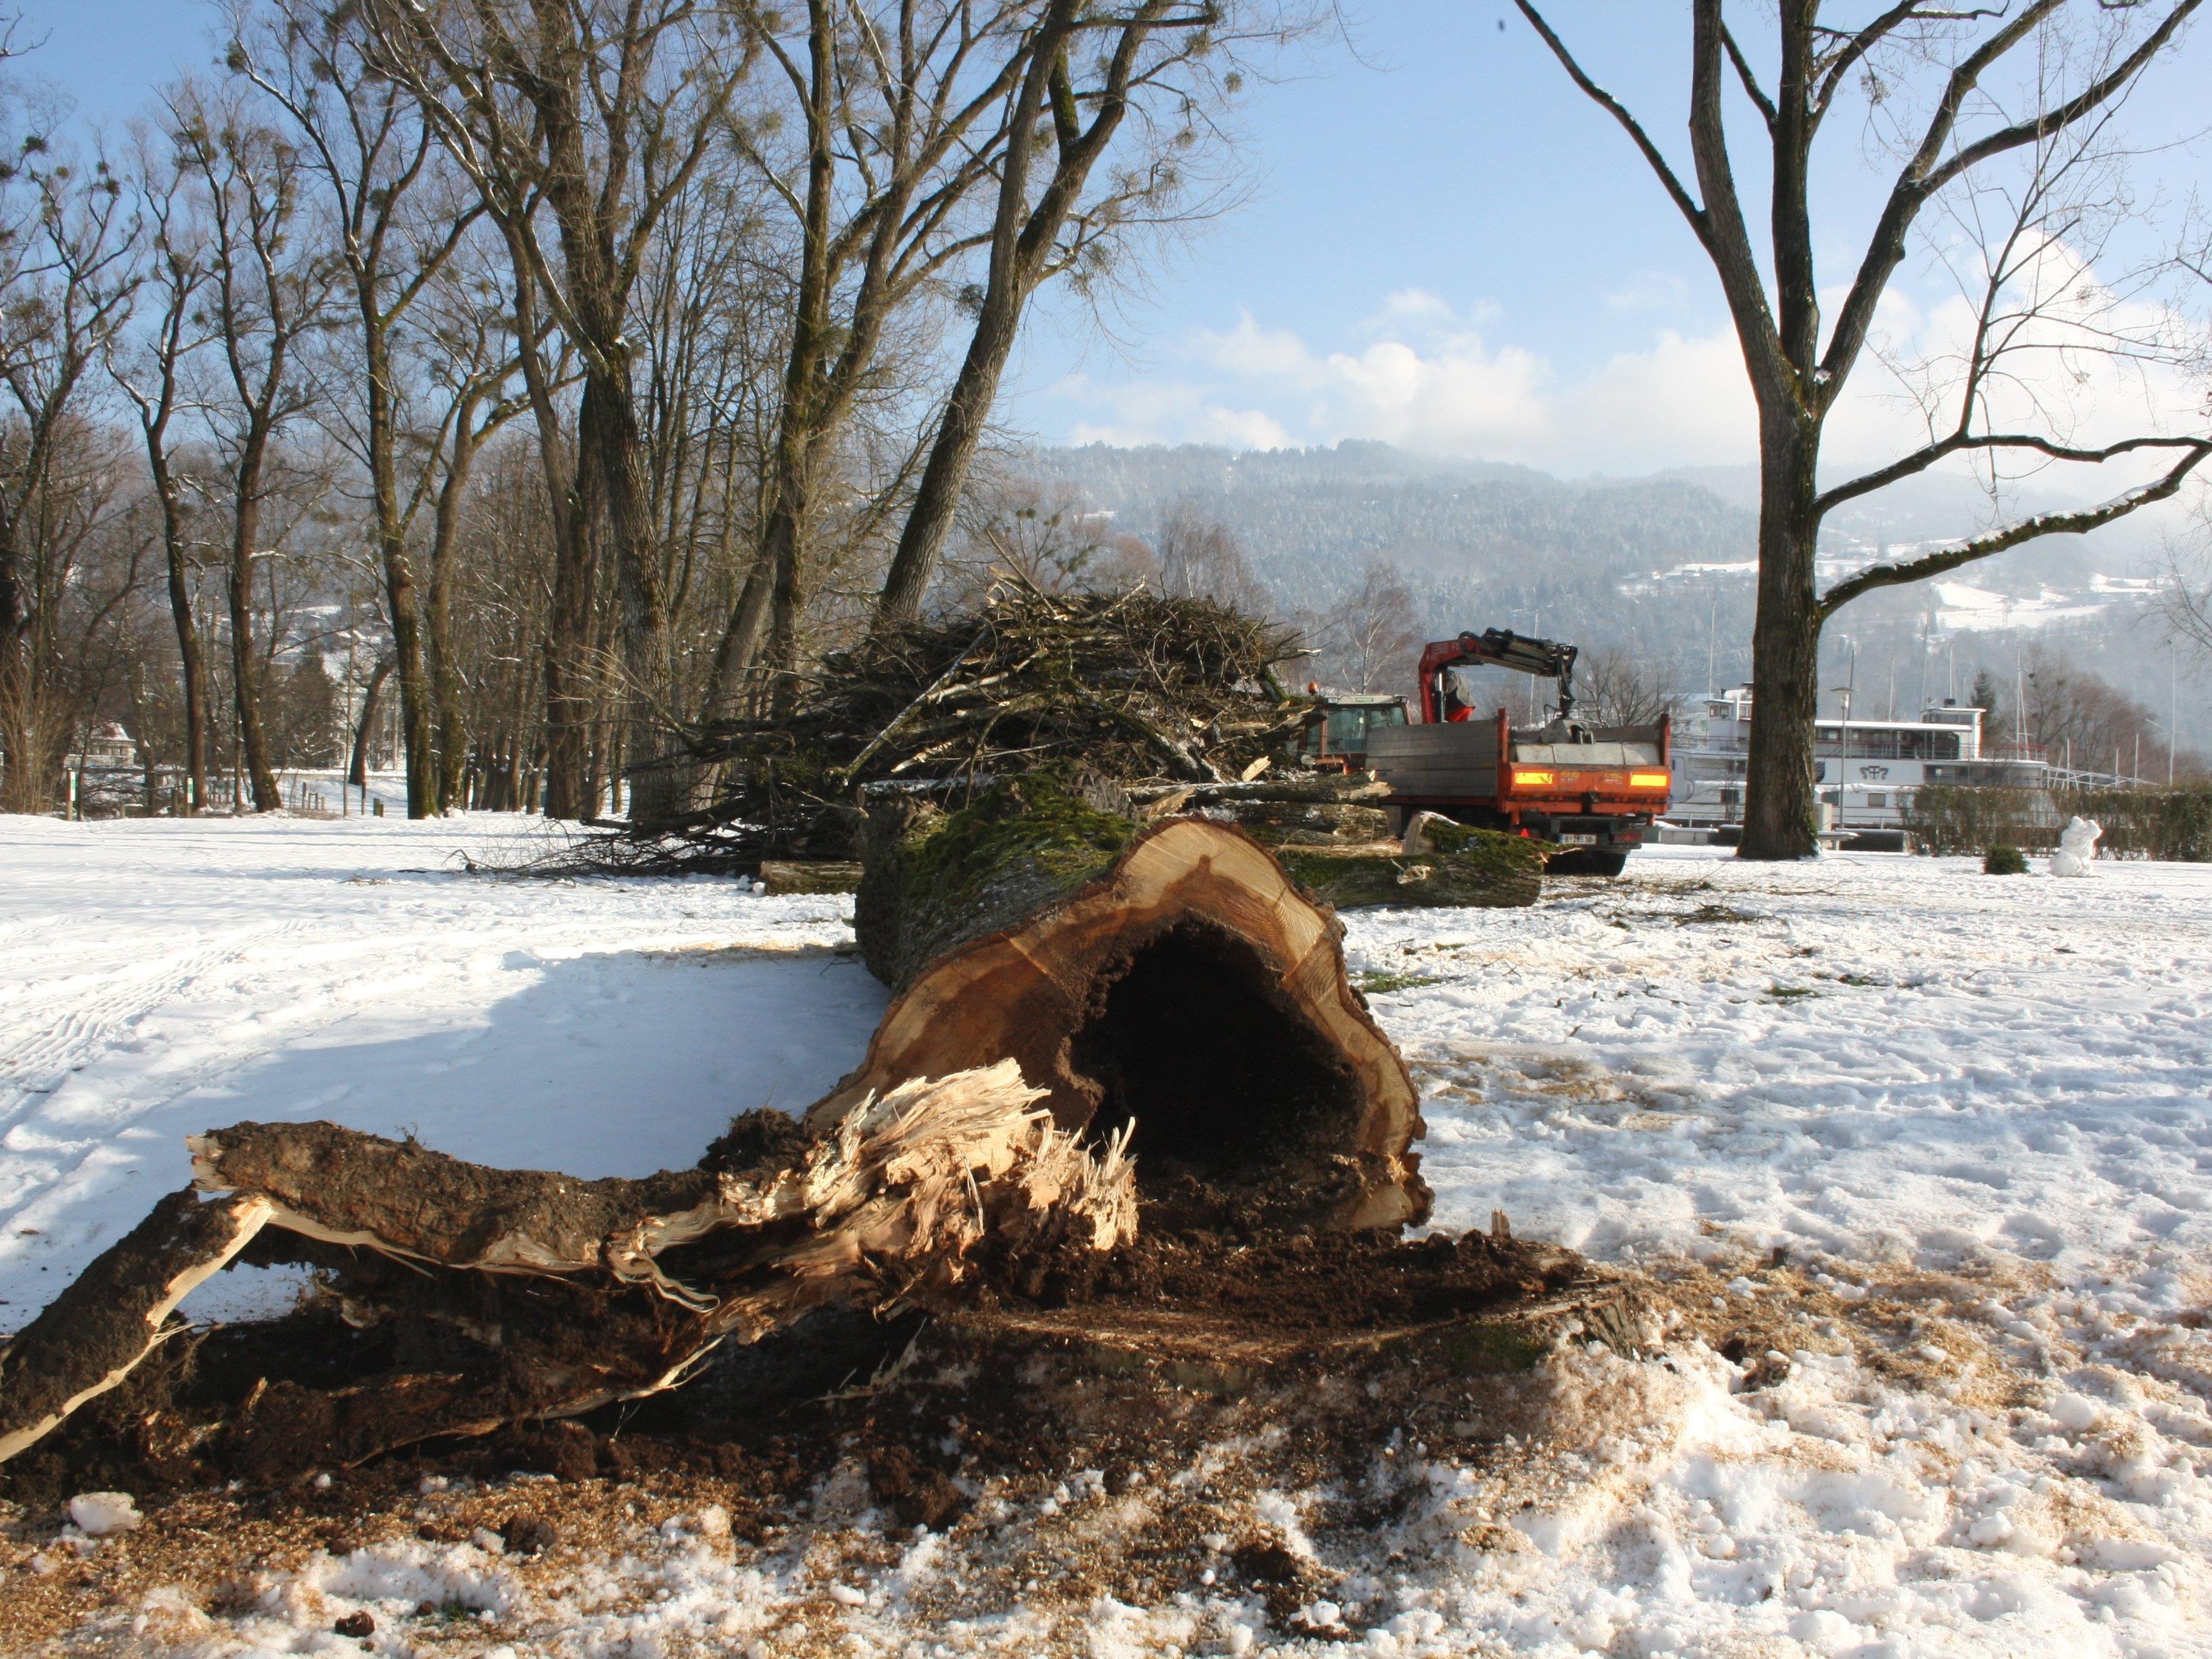 Zu den umfassenden Aufgaben des Wirtschaftshofes der Gemeinde Lochau gehören auch die fachmännische Baumpflege sowie oft notwendige Baumfällungen.